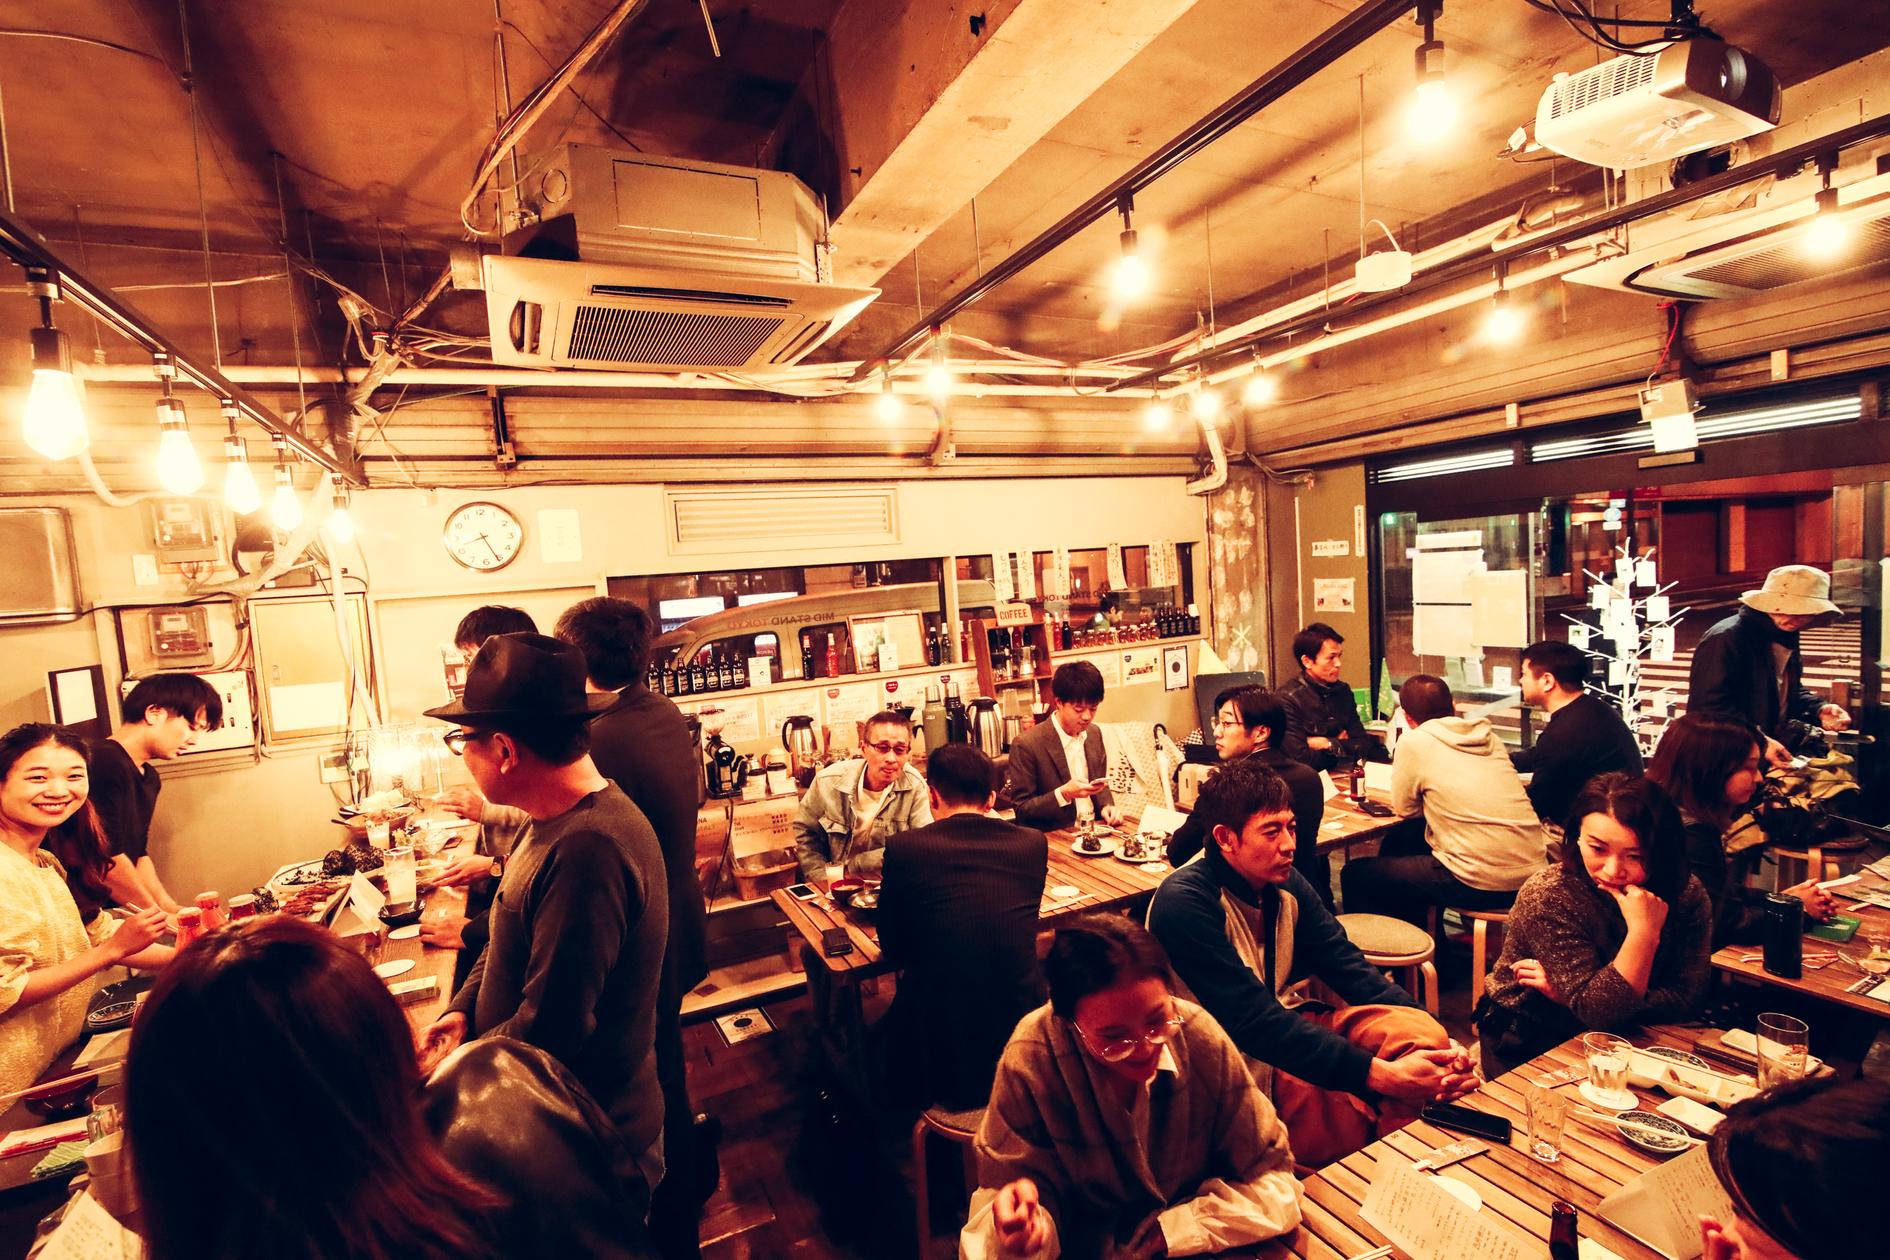 【地域に開かれたオープンなキッチン付レンタルスペース】パーティ、料理イベント、地域活性化イベントなど、好評受付中!(MID STAND TOKYO) の写真0